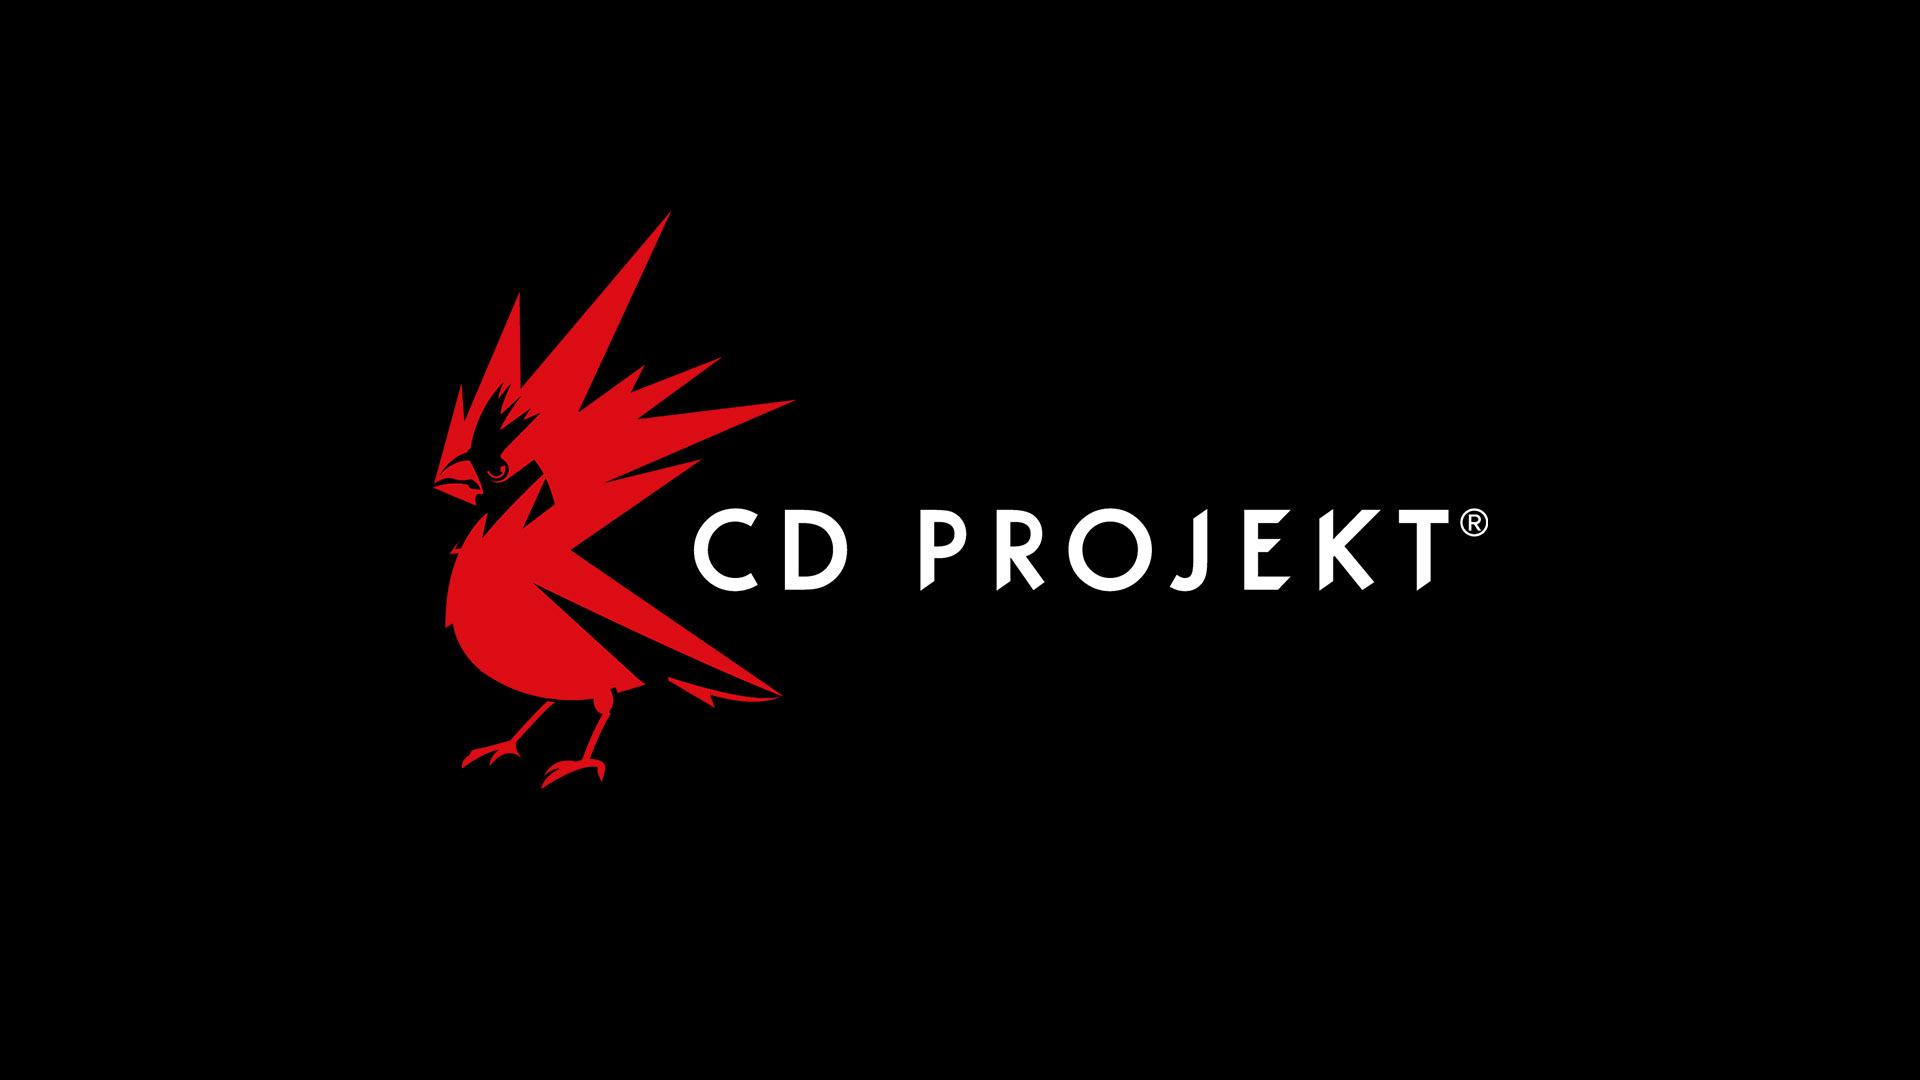 CD Prokect